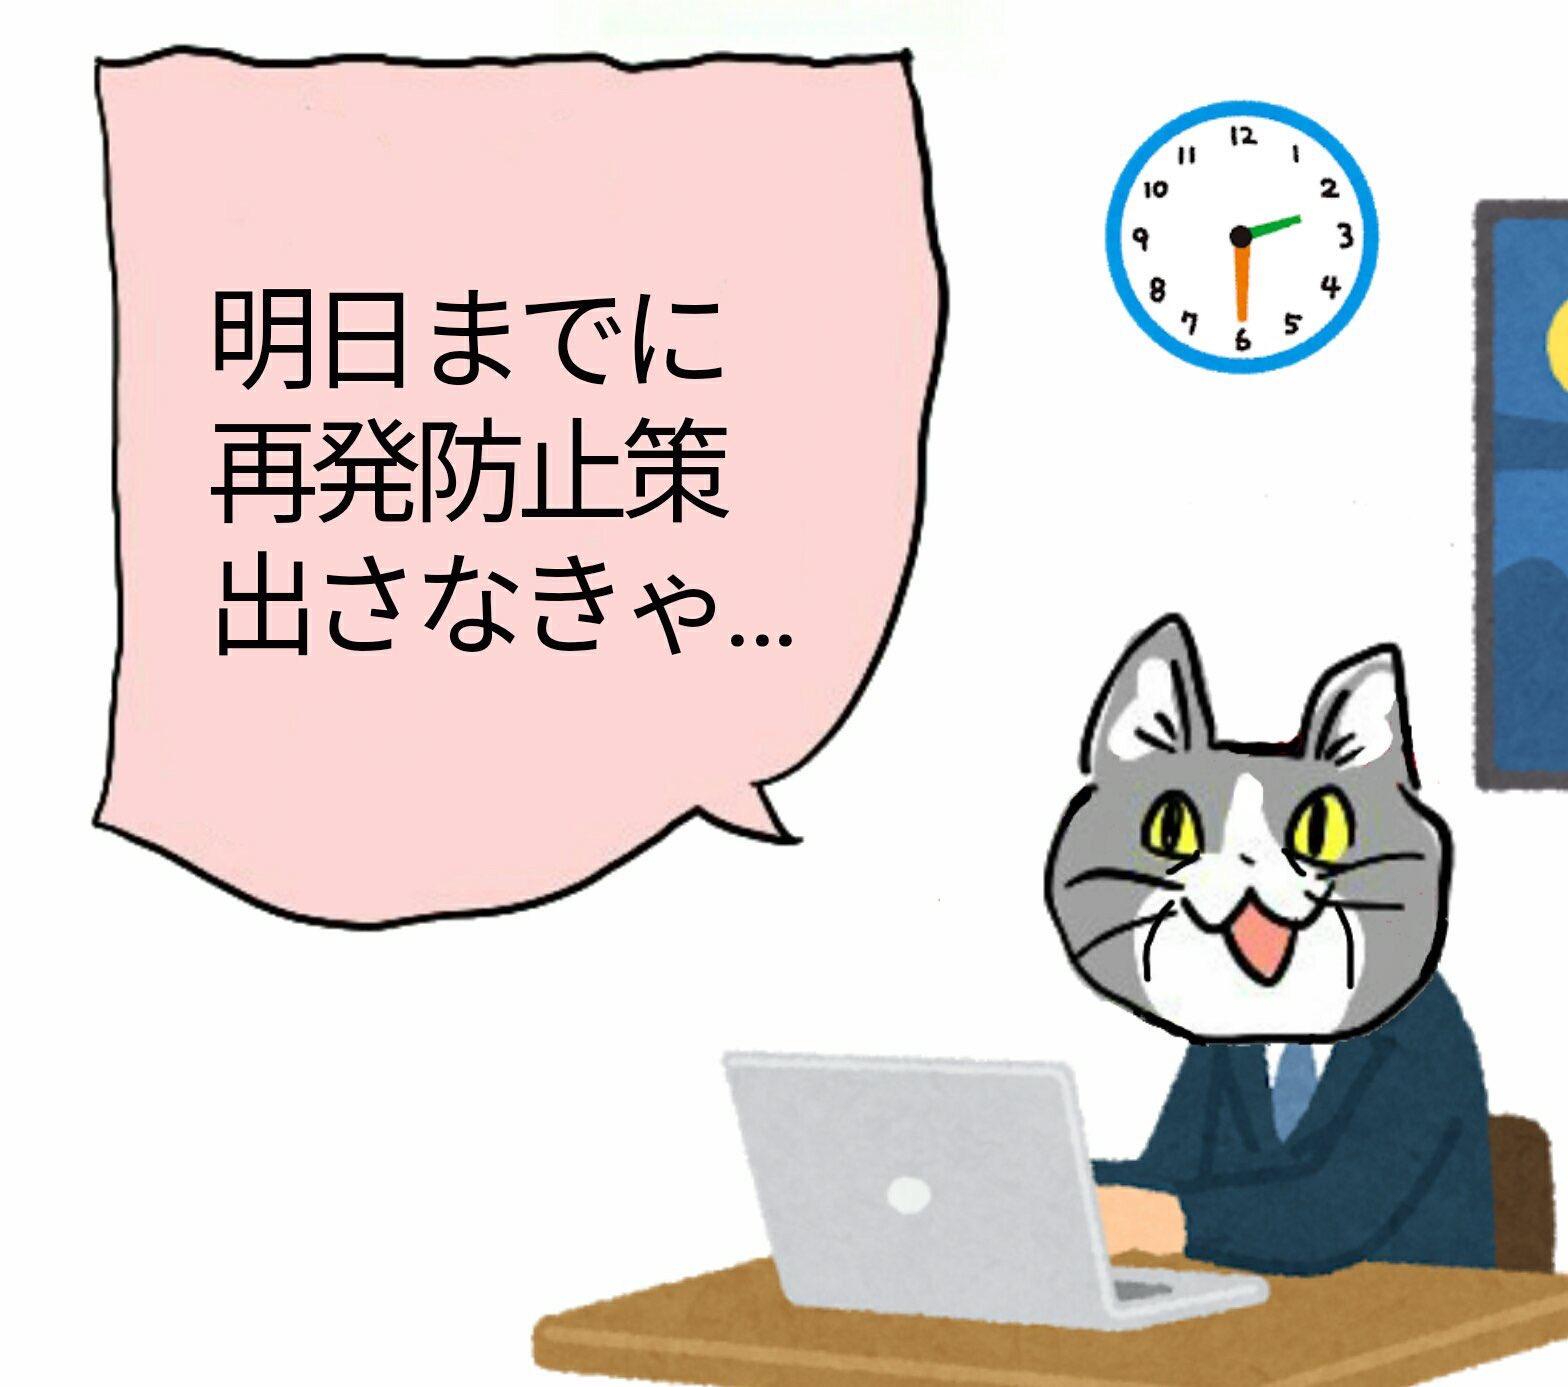 仕事でトリプルチェックしても改善されない理由が現場猫でわかり易く表されて笑ったw